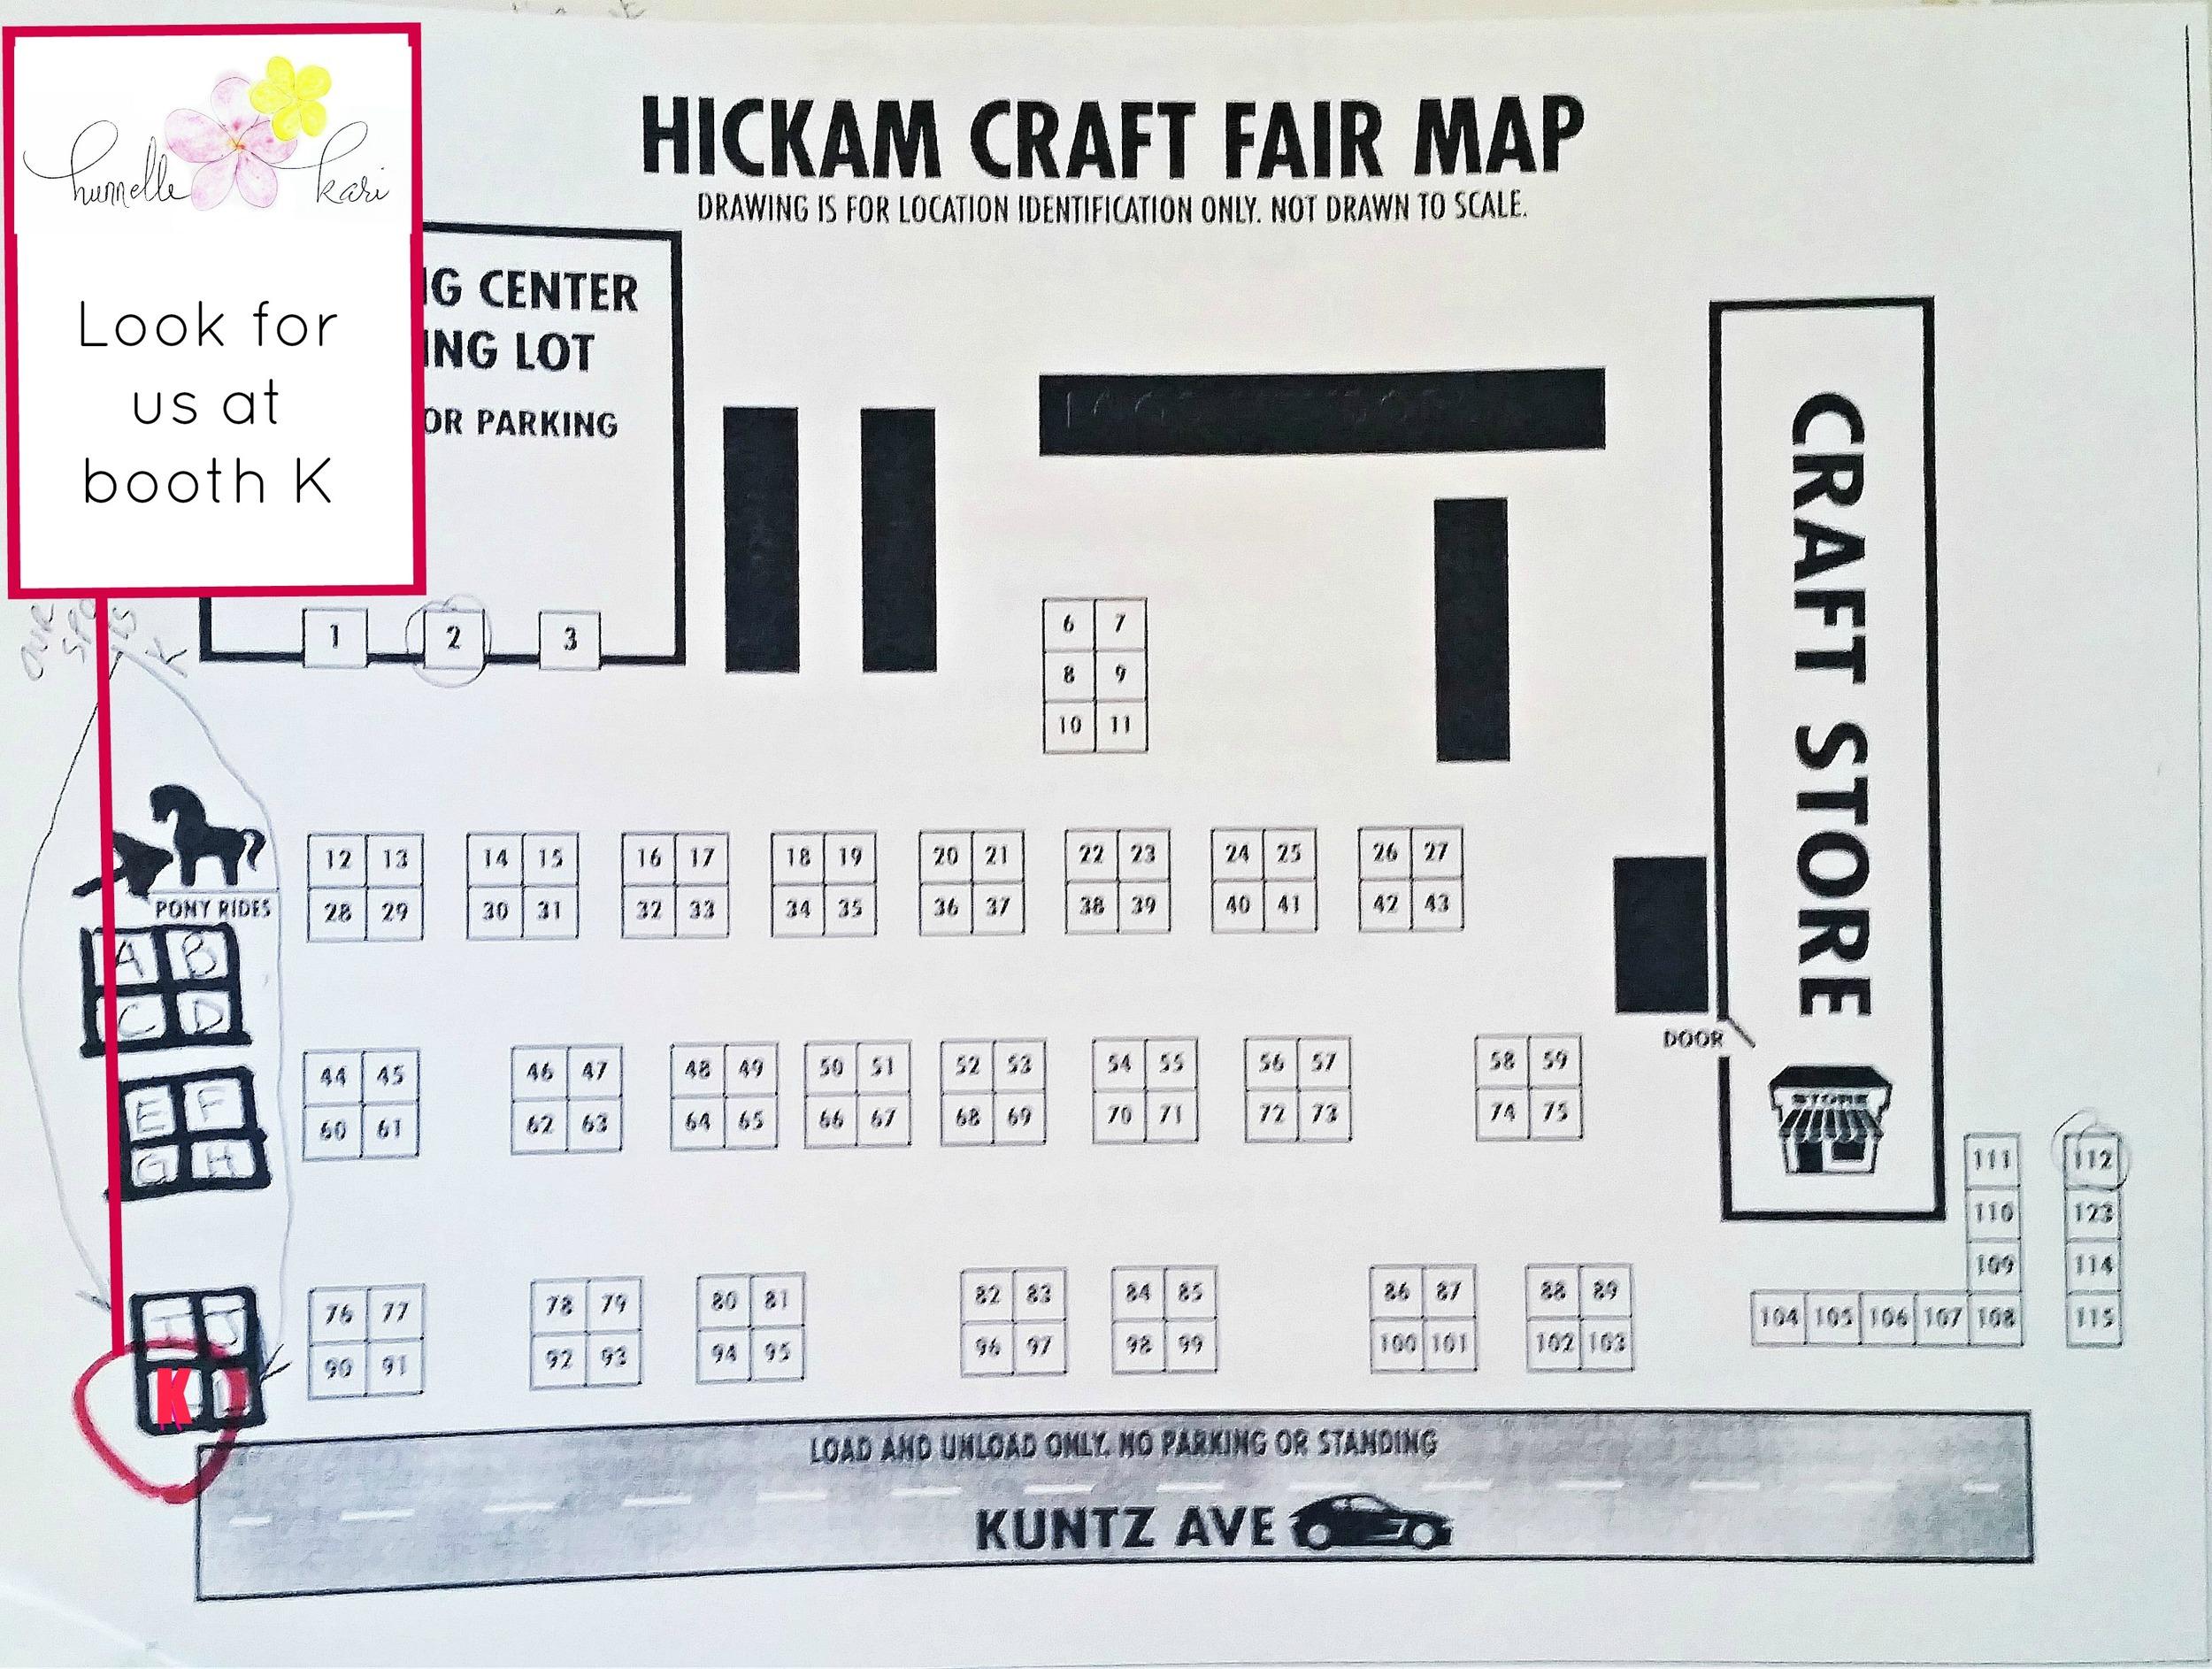 hickam craft fair.jpg